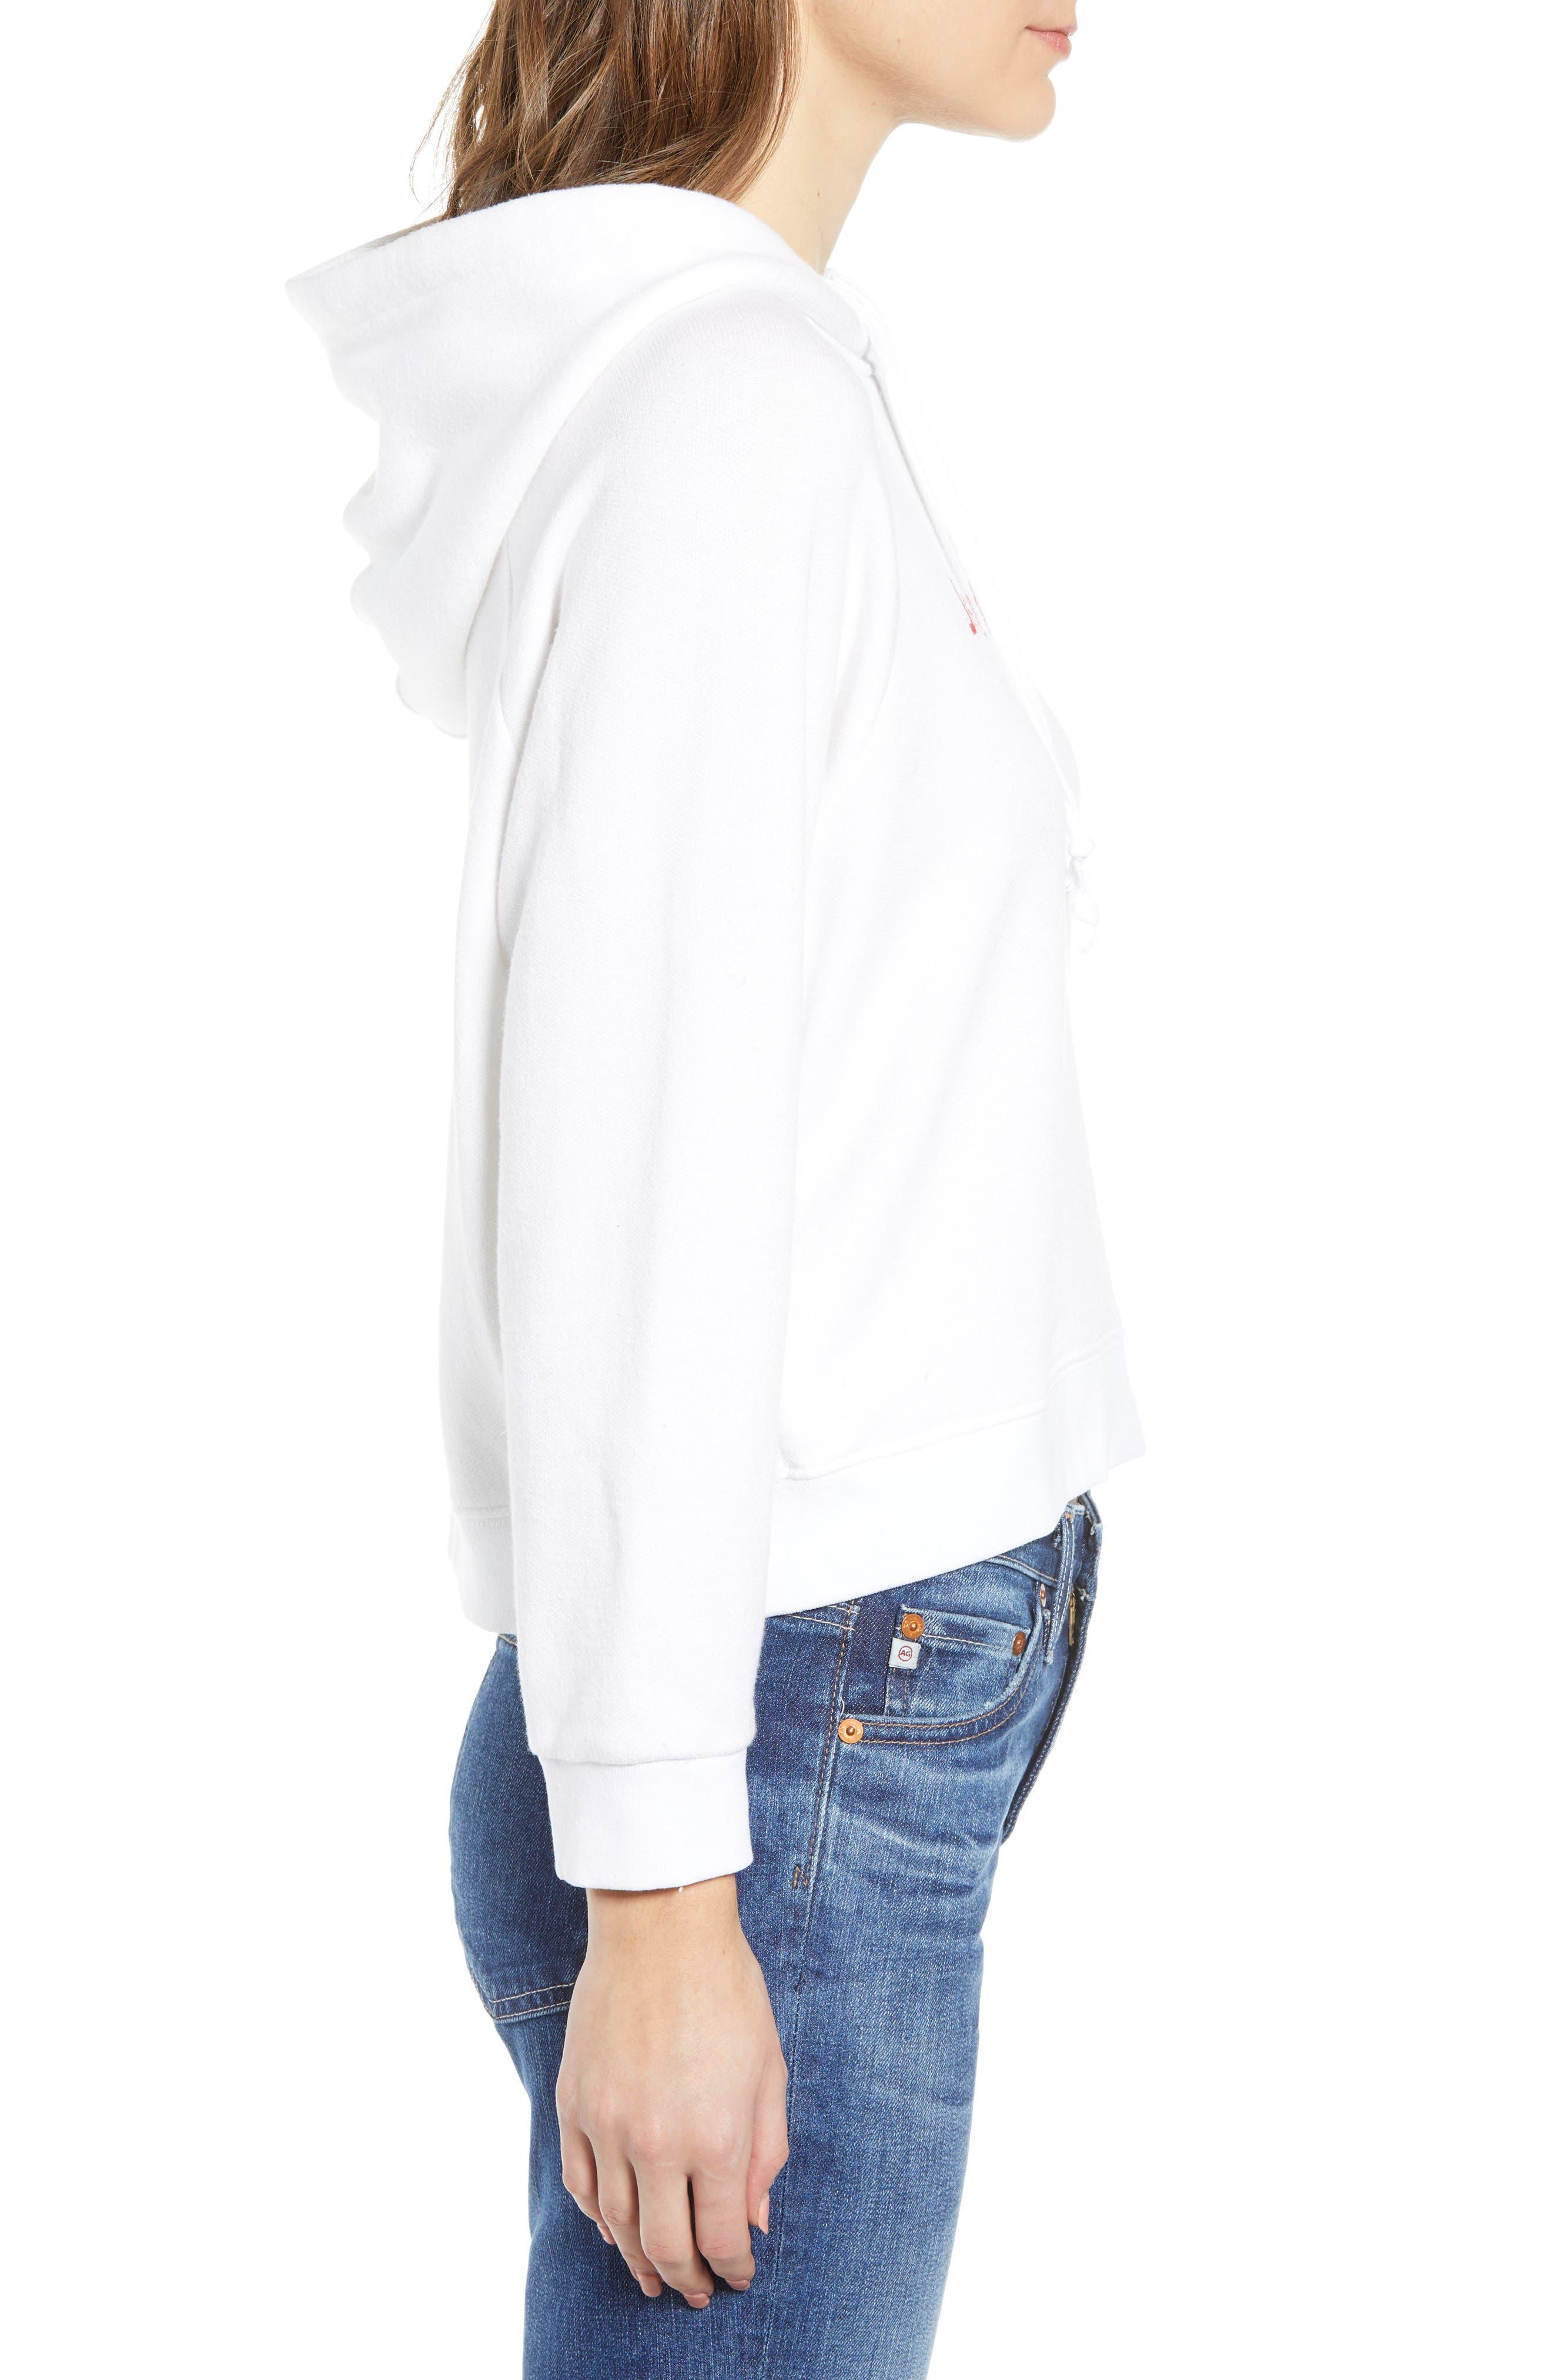 Coronado Hooded Sweatshirt,                             Alternate thumbnail 3, color,                             100